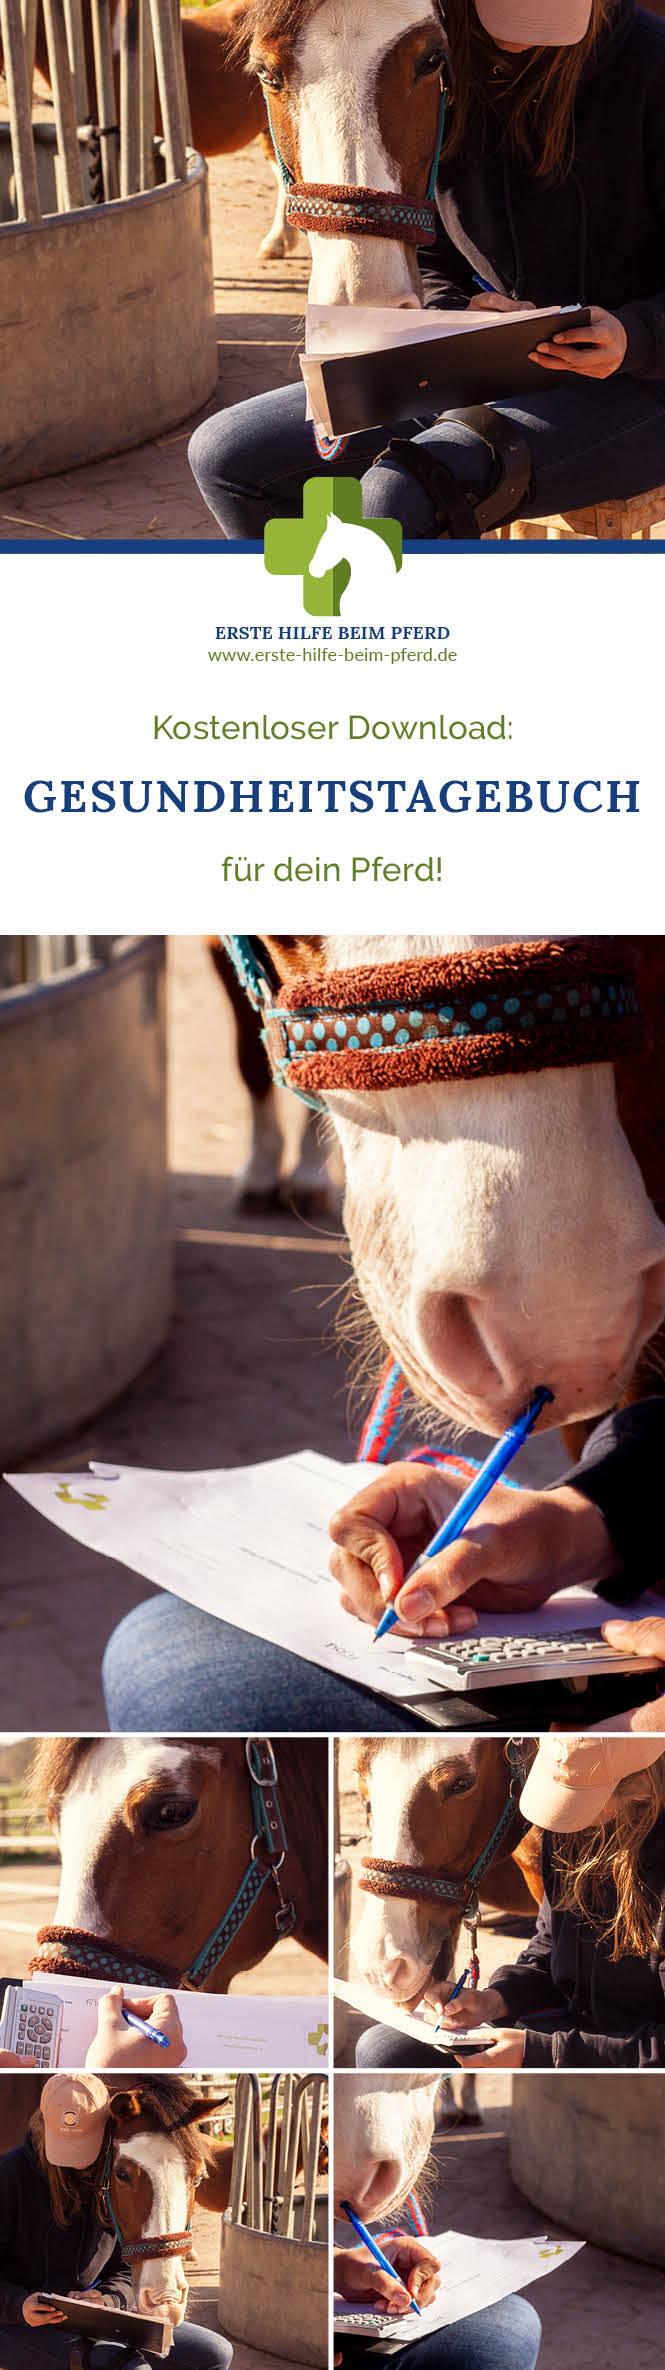 Gesundheitstagebuch Pferd kostenlos zum ausdrucken